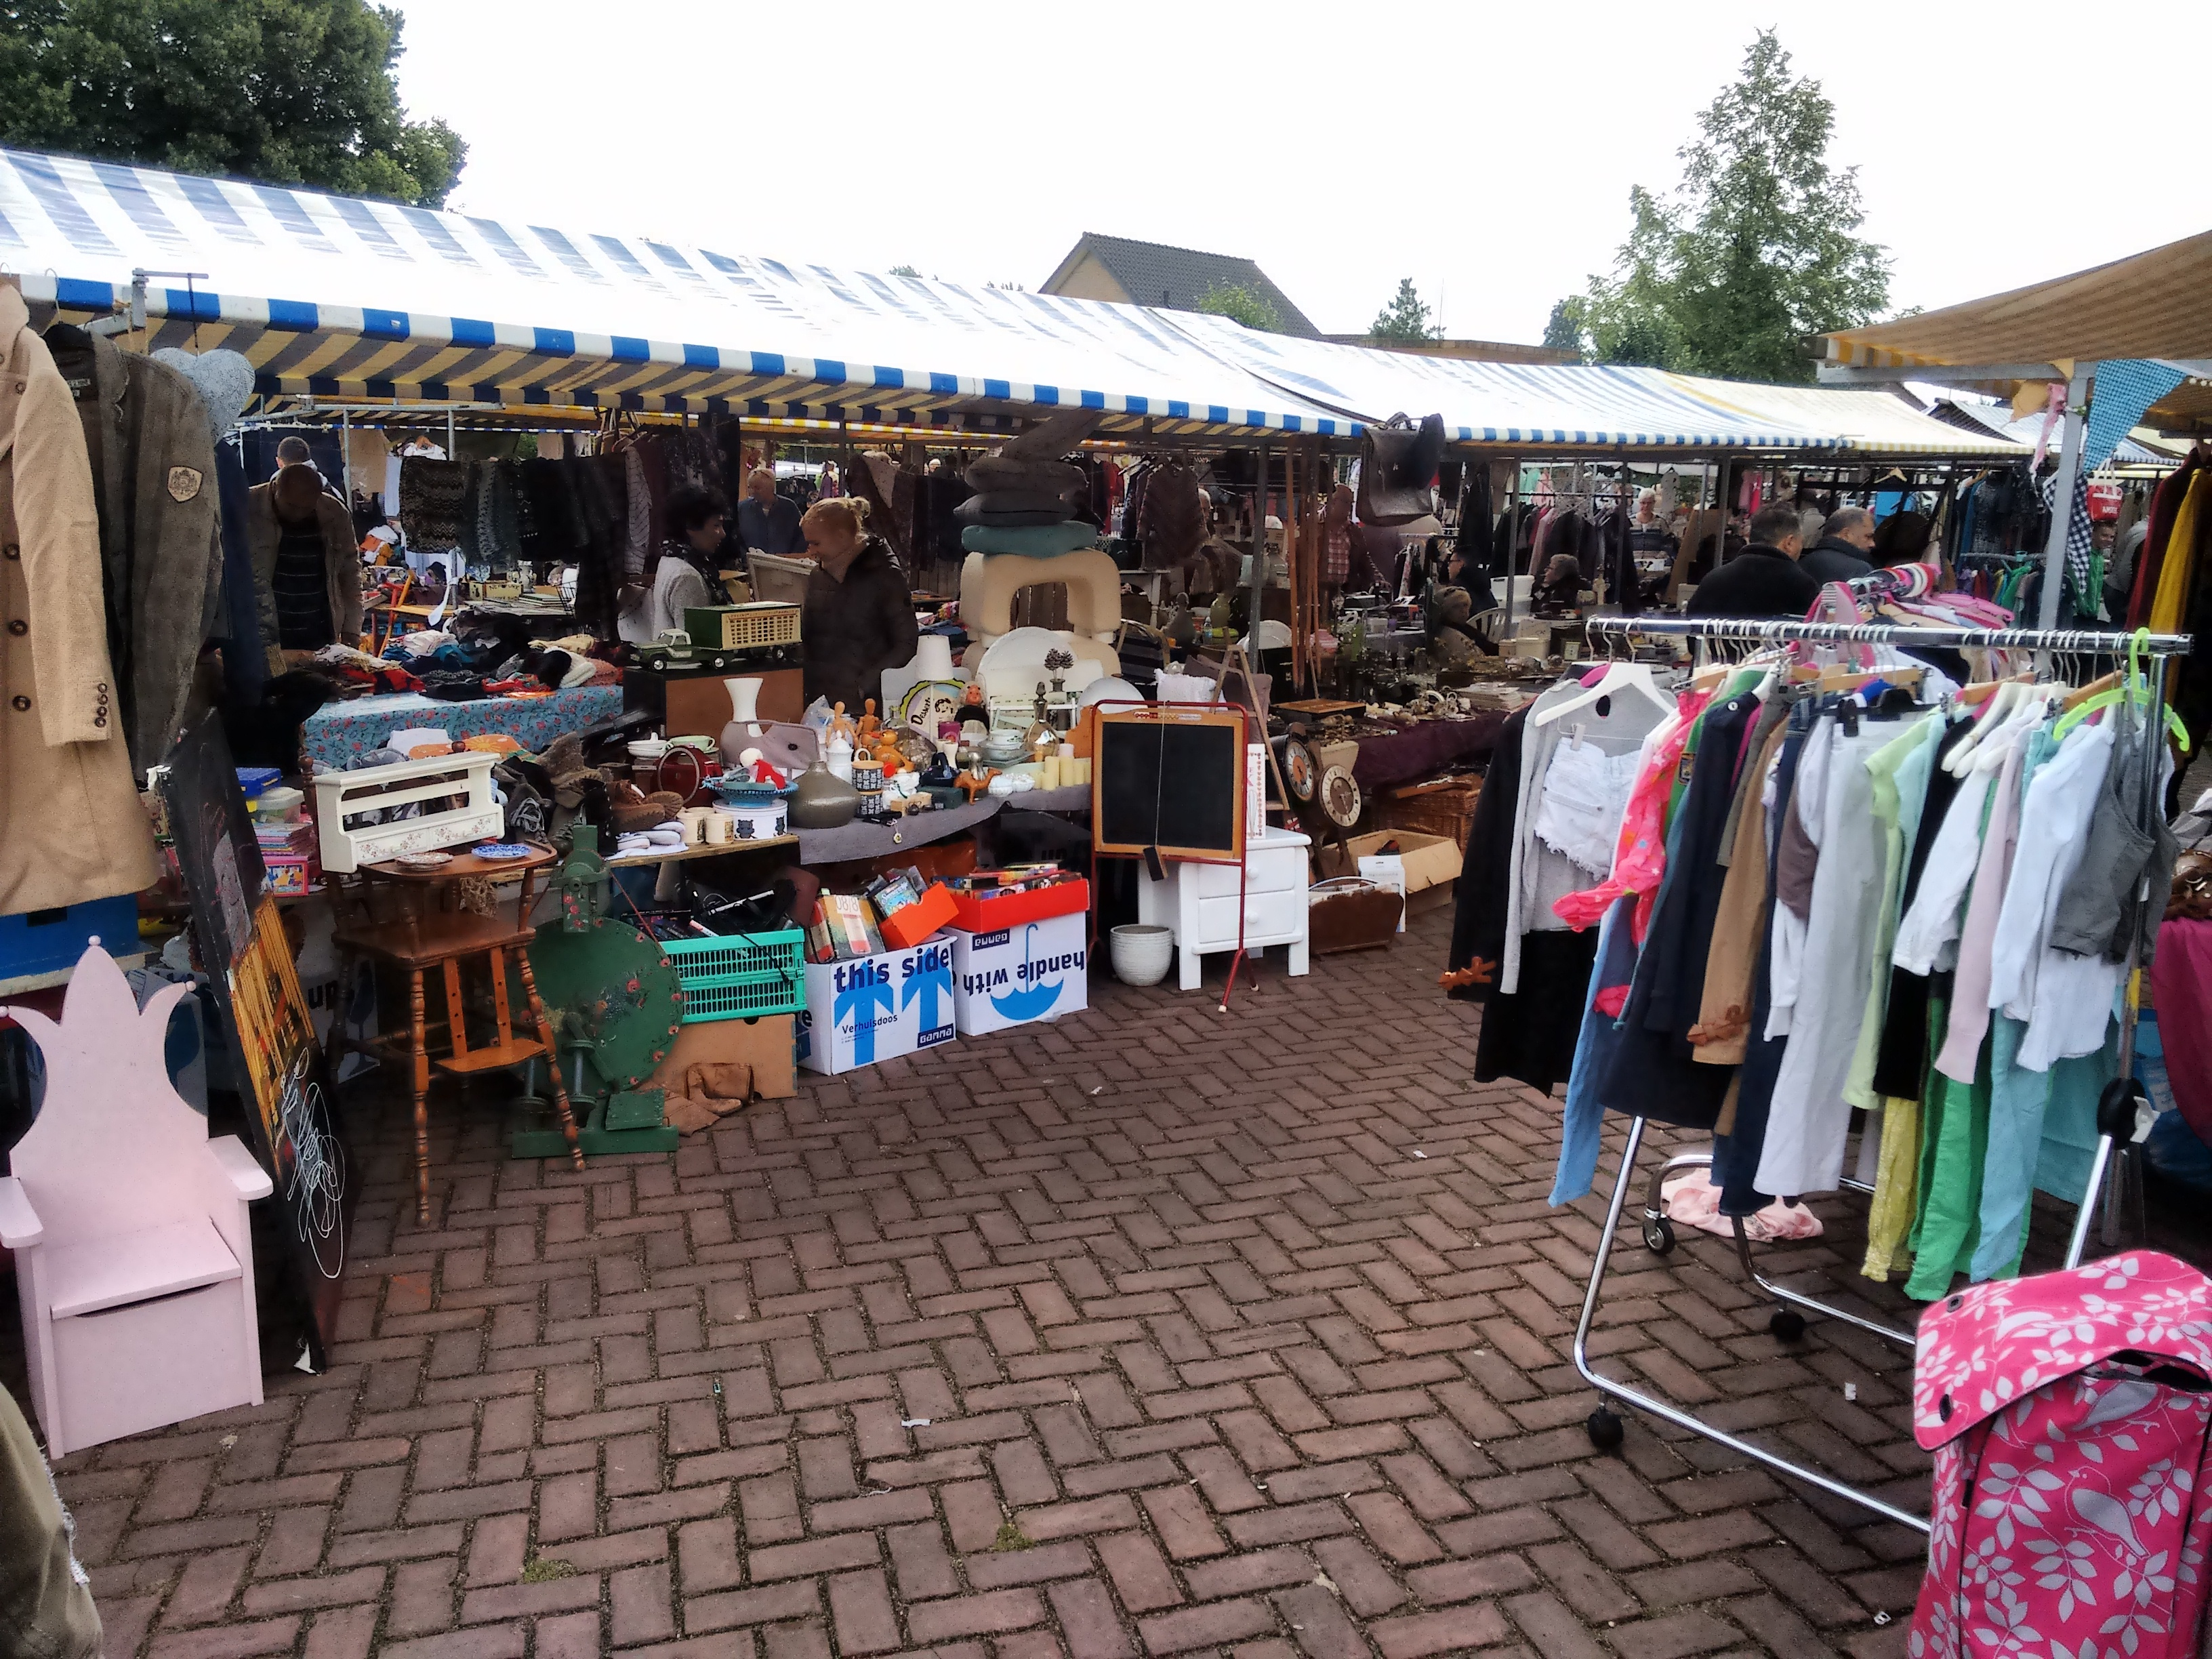 rommelmarkt 15 augustus 2015